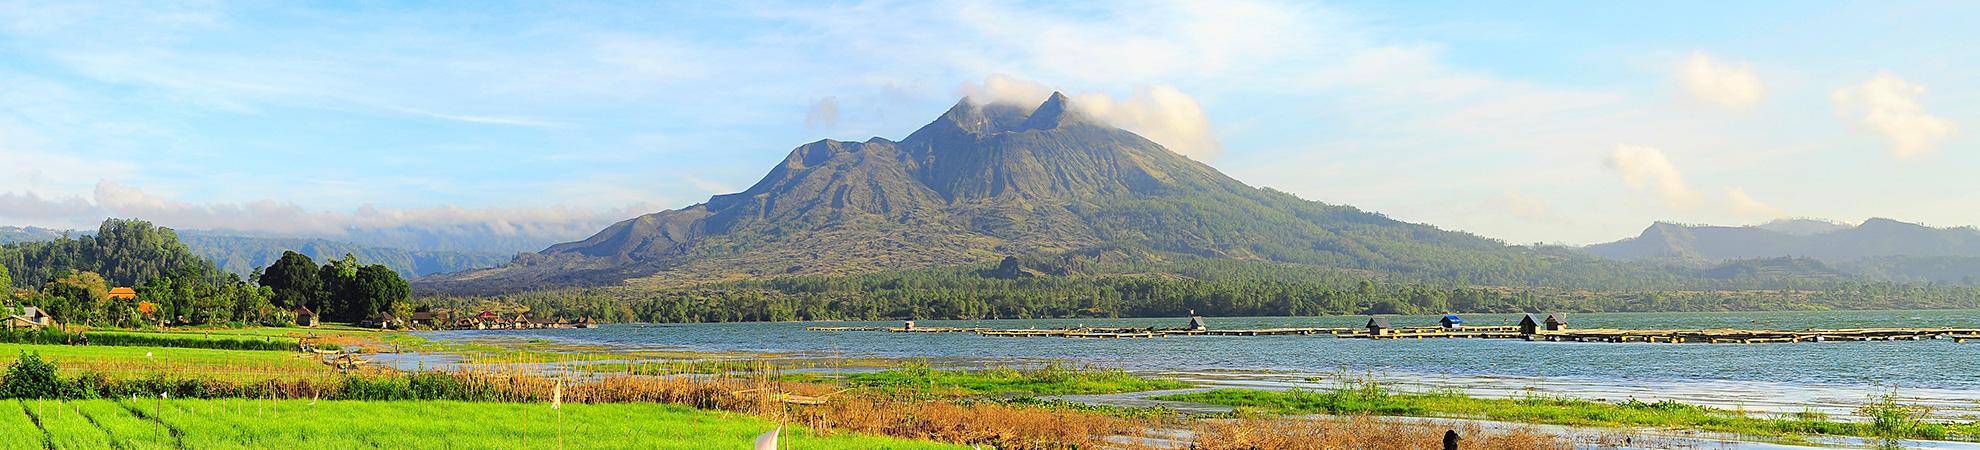 Ascension du mont Batur avec un local